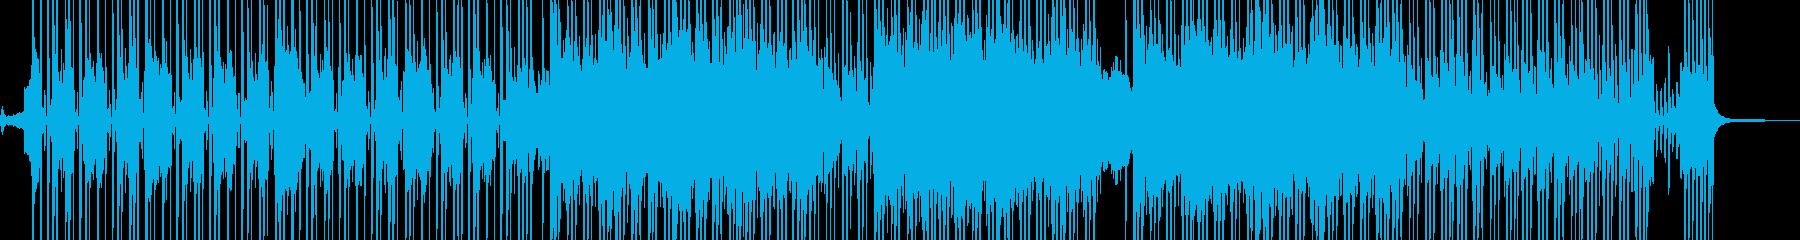 ビターエンドの切ないR&B 短尺の再生済みの波形